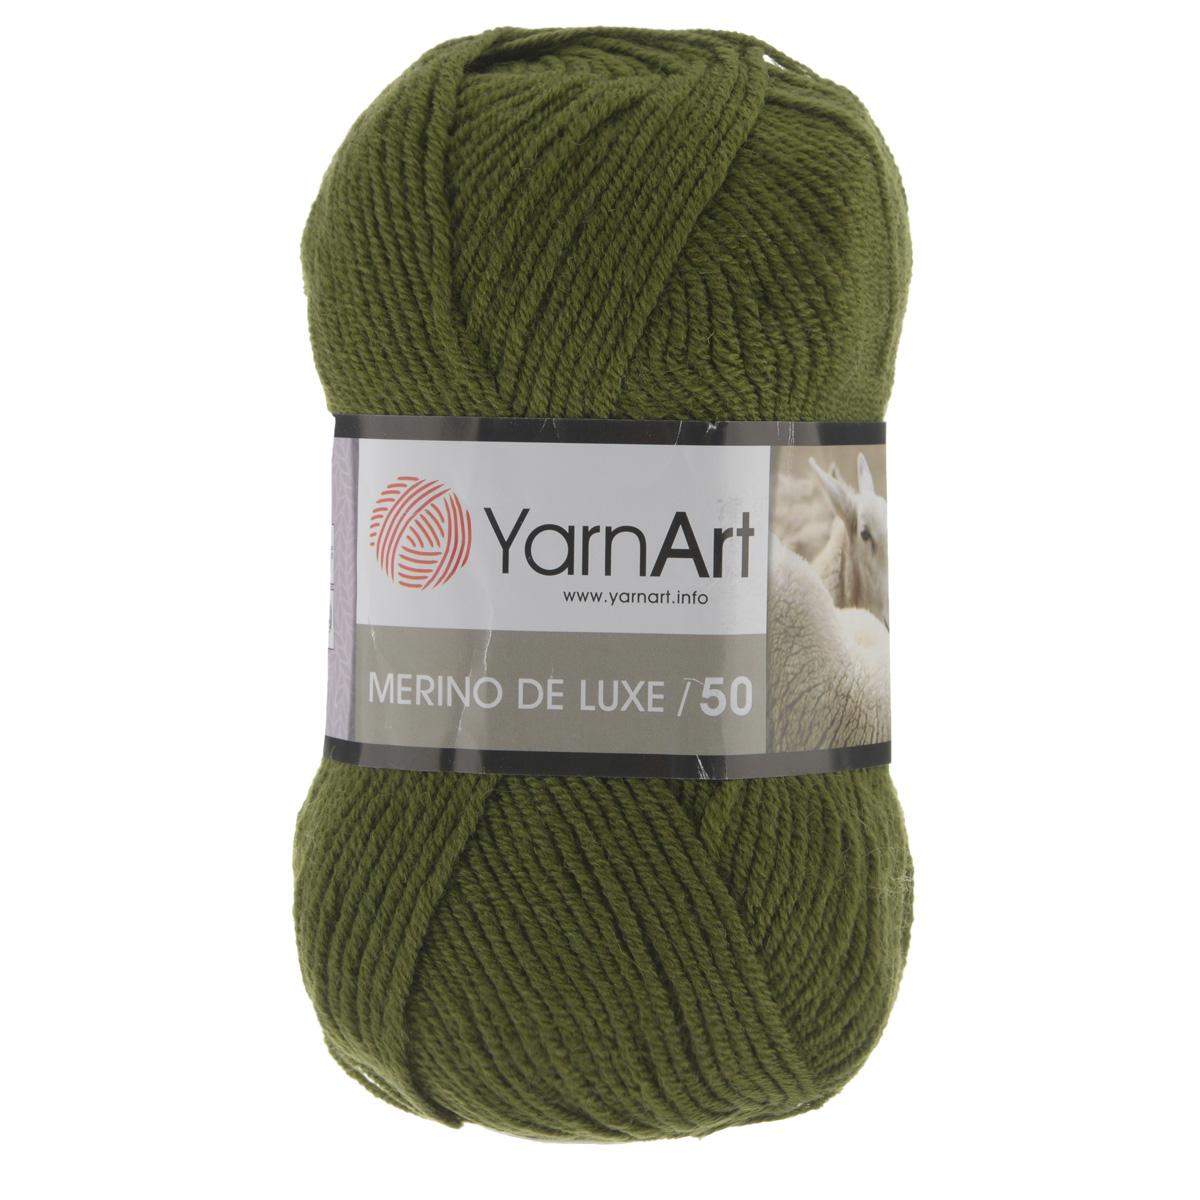 Пряжа для вязания YarnArt Merino de Lux, цвет: темно-оливковый (530), 280 м, 100 г, 5 шт372049_530Классическая пряжа для вязания YarnArt  Merino de Lux изготовлена из шерсти и акрила. Пряжа очень мягкая и приятная на ощупь. Теплая, уютная, эта пряжа идеально подходит для вязки демисезонных вещей. Шапочки, шарфы, снуды, свитера, жилеты вяжутся из этой пряжи быстро и легко. Изделия приятны в носке и долго не теряют форму после ручной стирки. Рекомендуются спицы 3,5 мм, крючок 4 мм. Состав: 49% шерсть, 51% акрил.